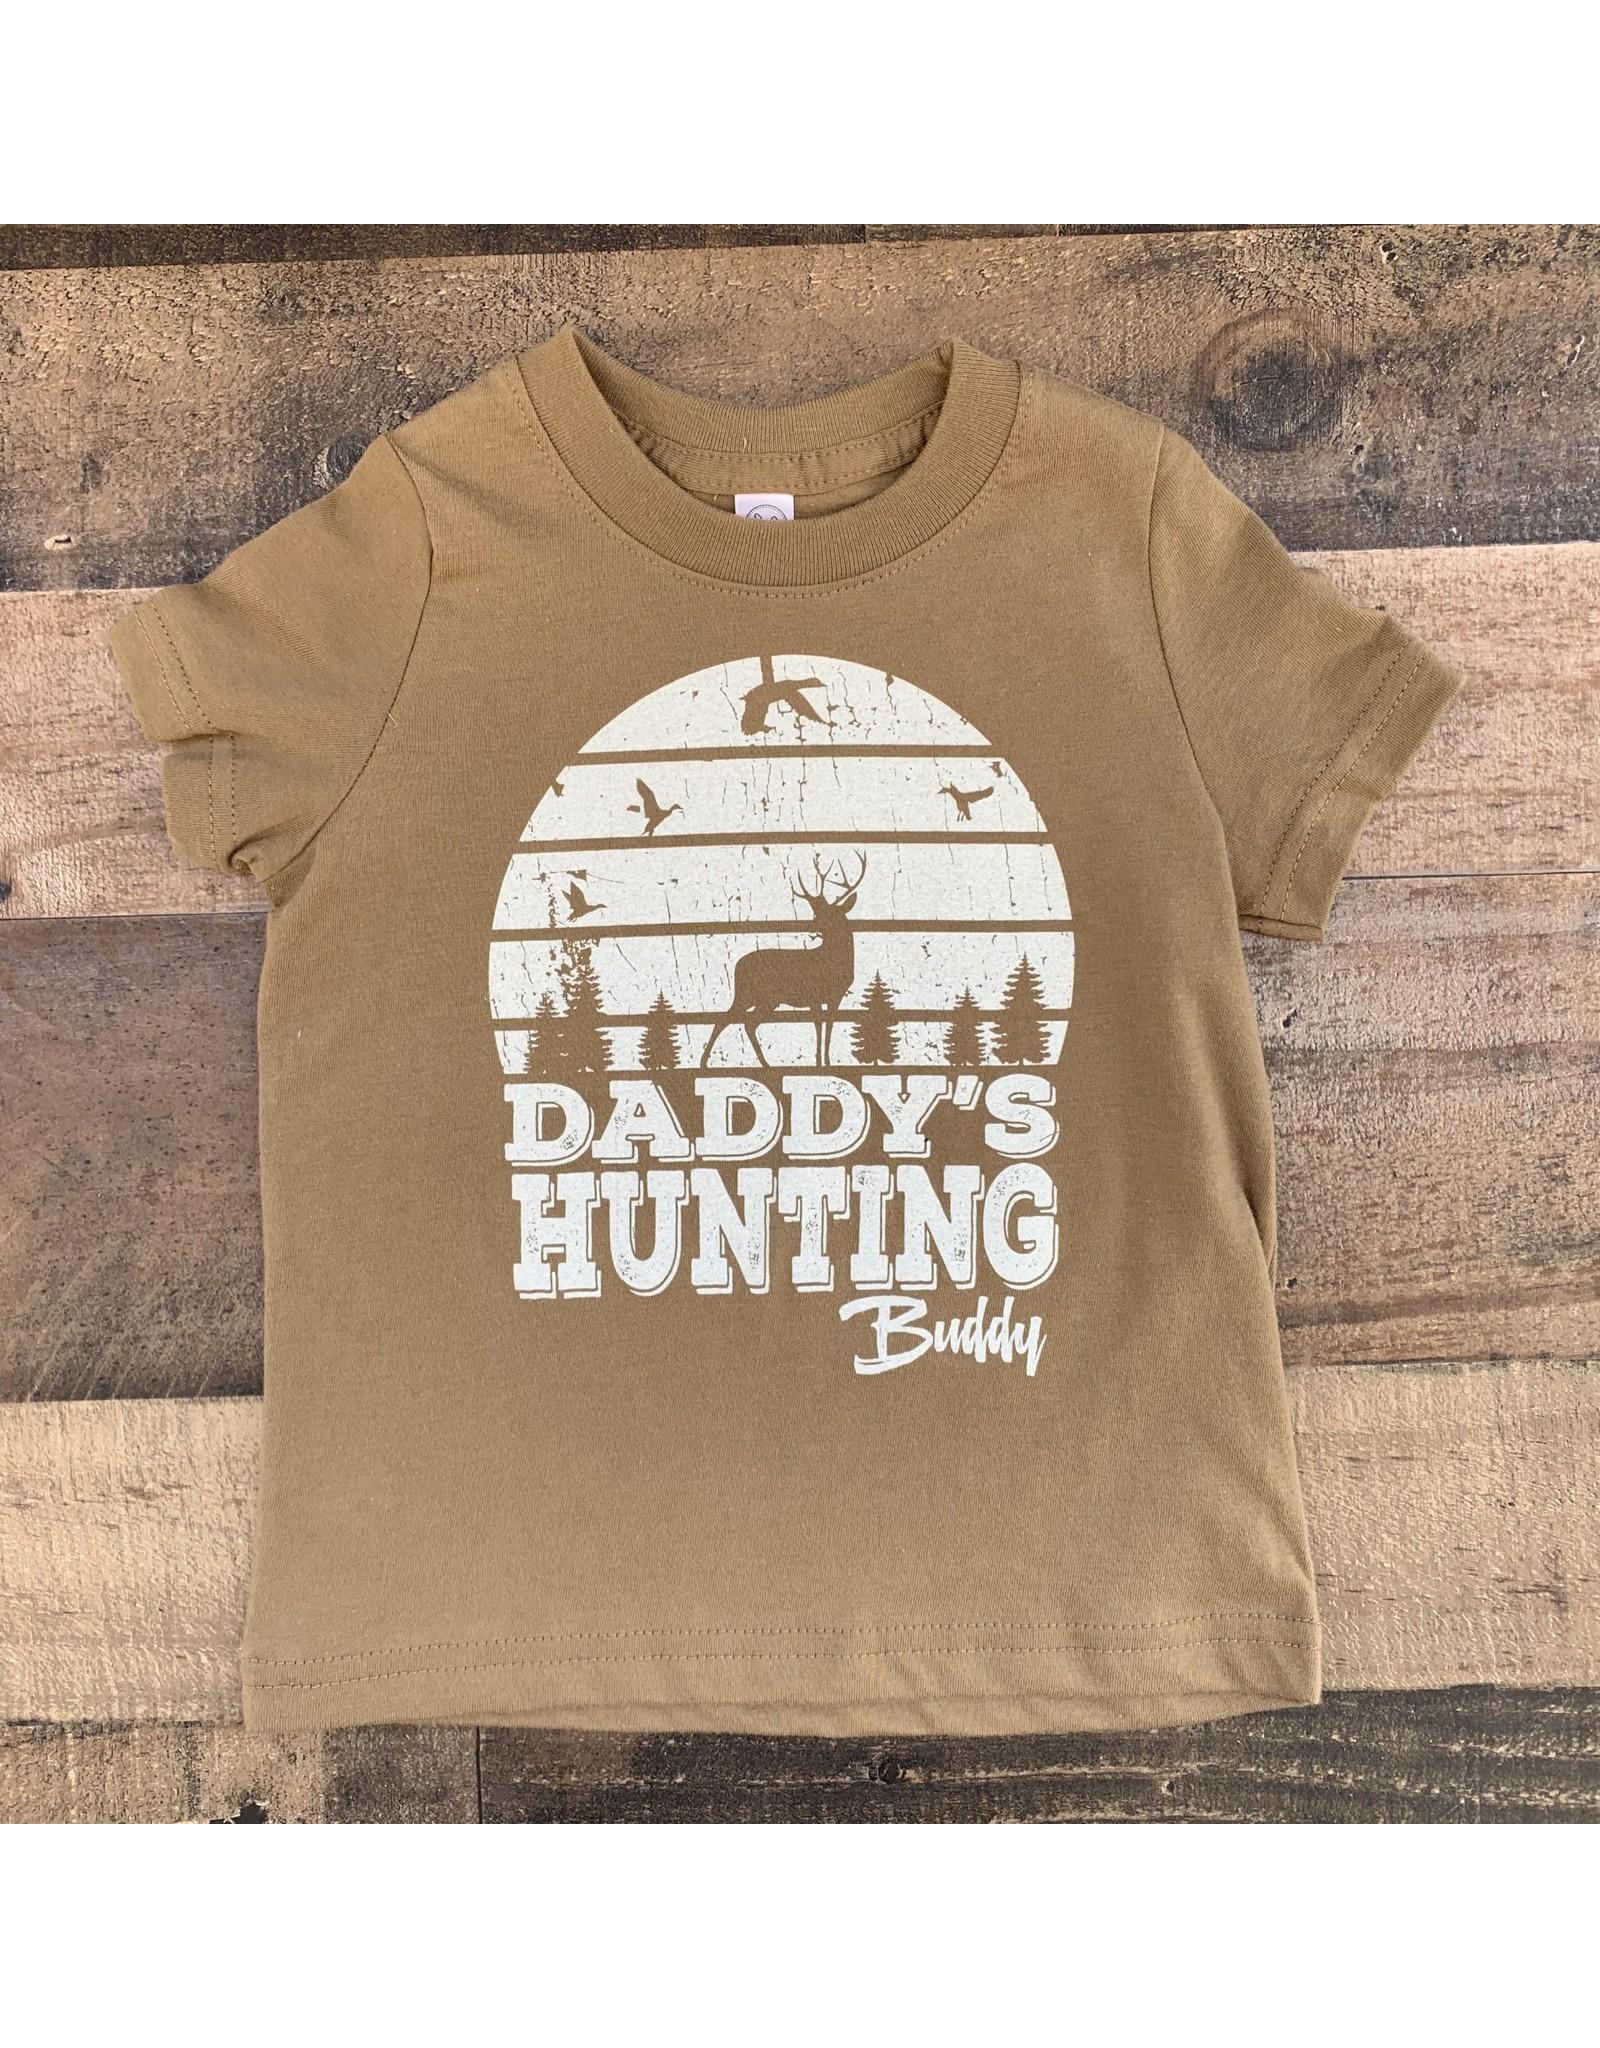 Daddy's Hunting Buddy TShirt